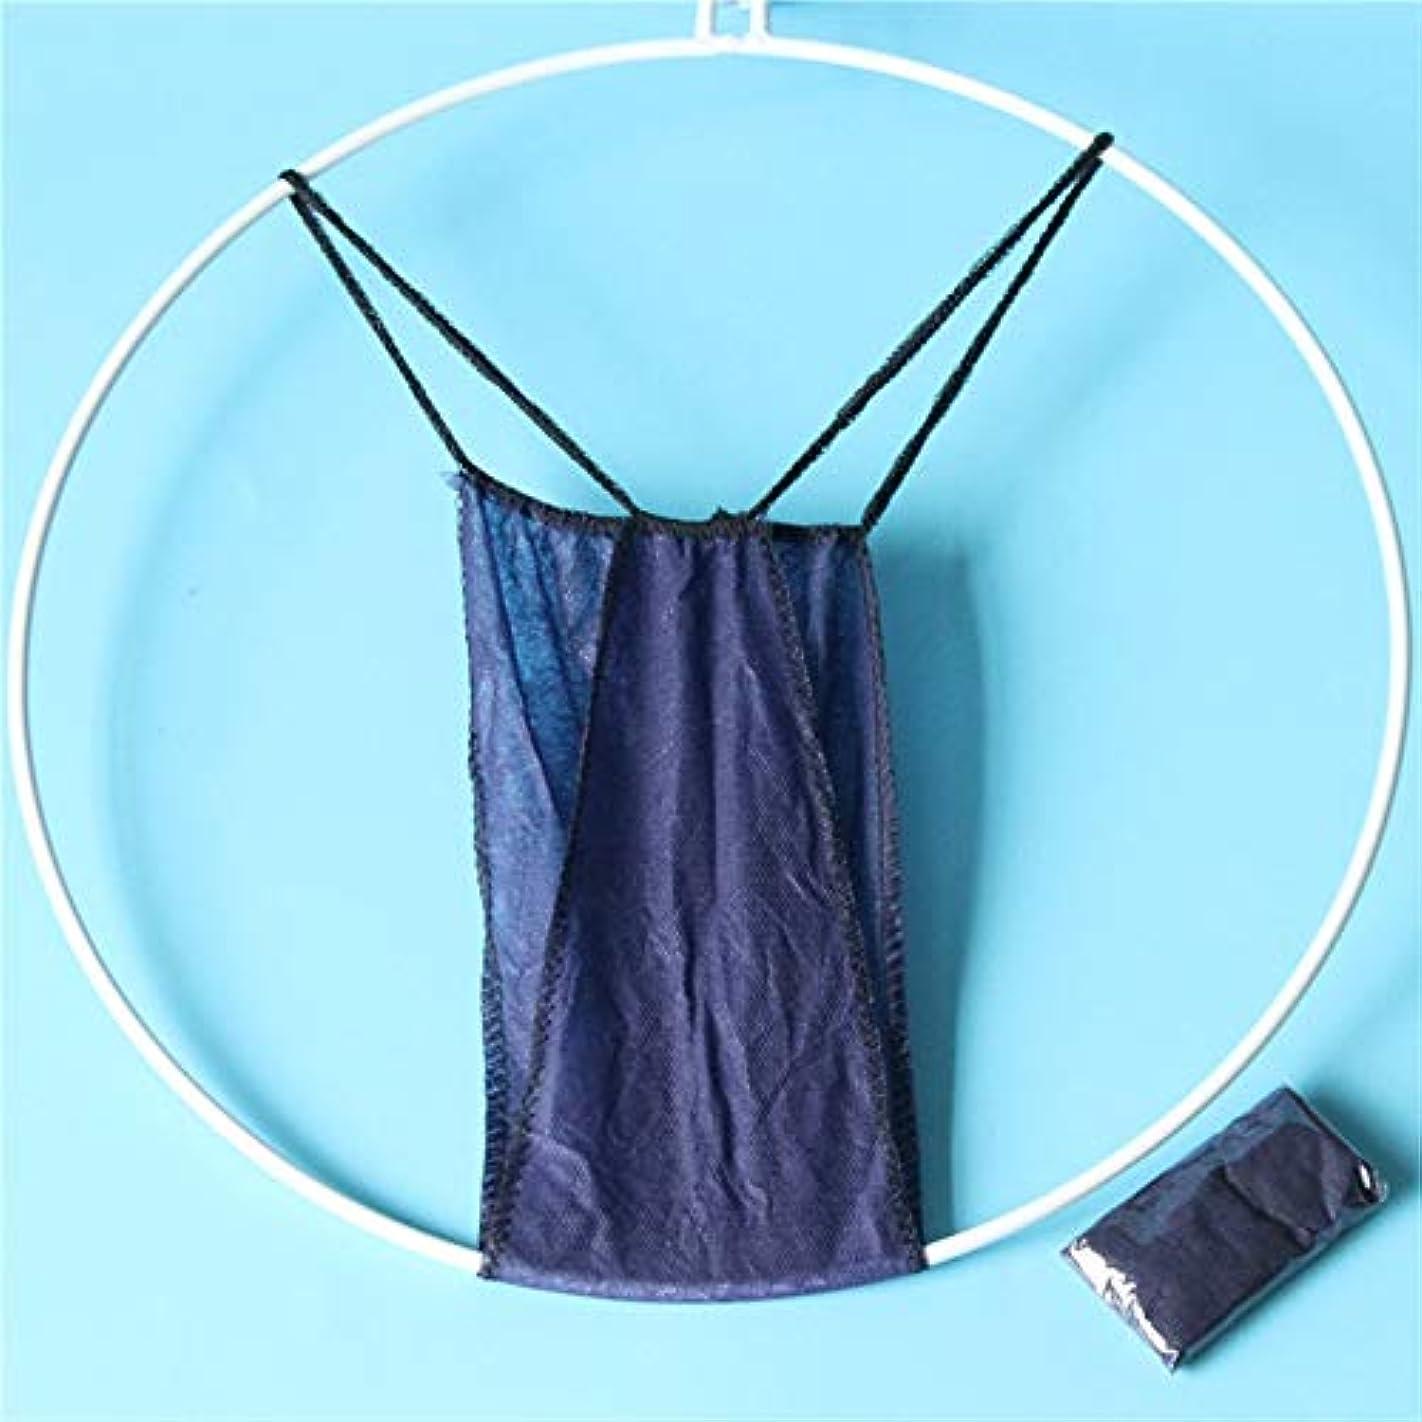 スパーク出力オープナー不織布使い捨てひも婦人用下着ブリーフTパンツ美容サウナ - 青